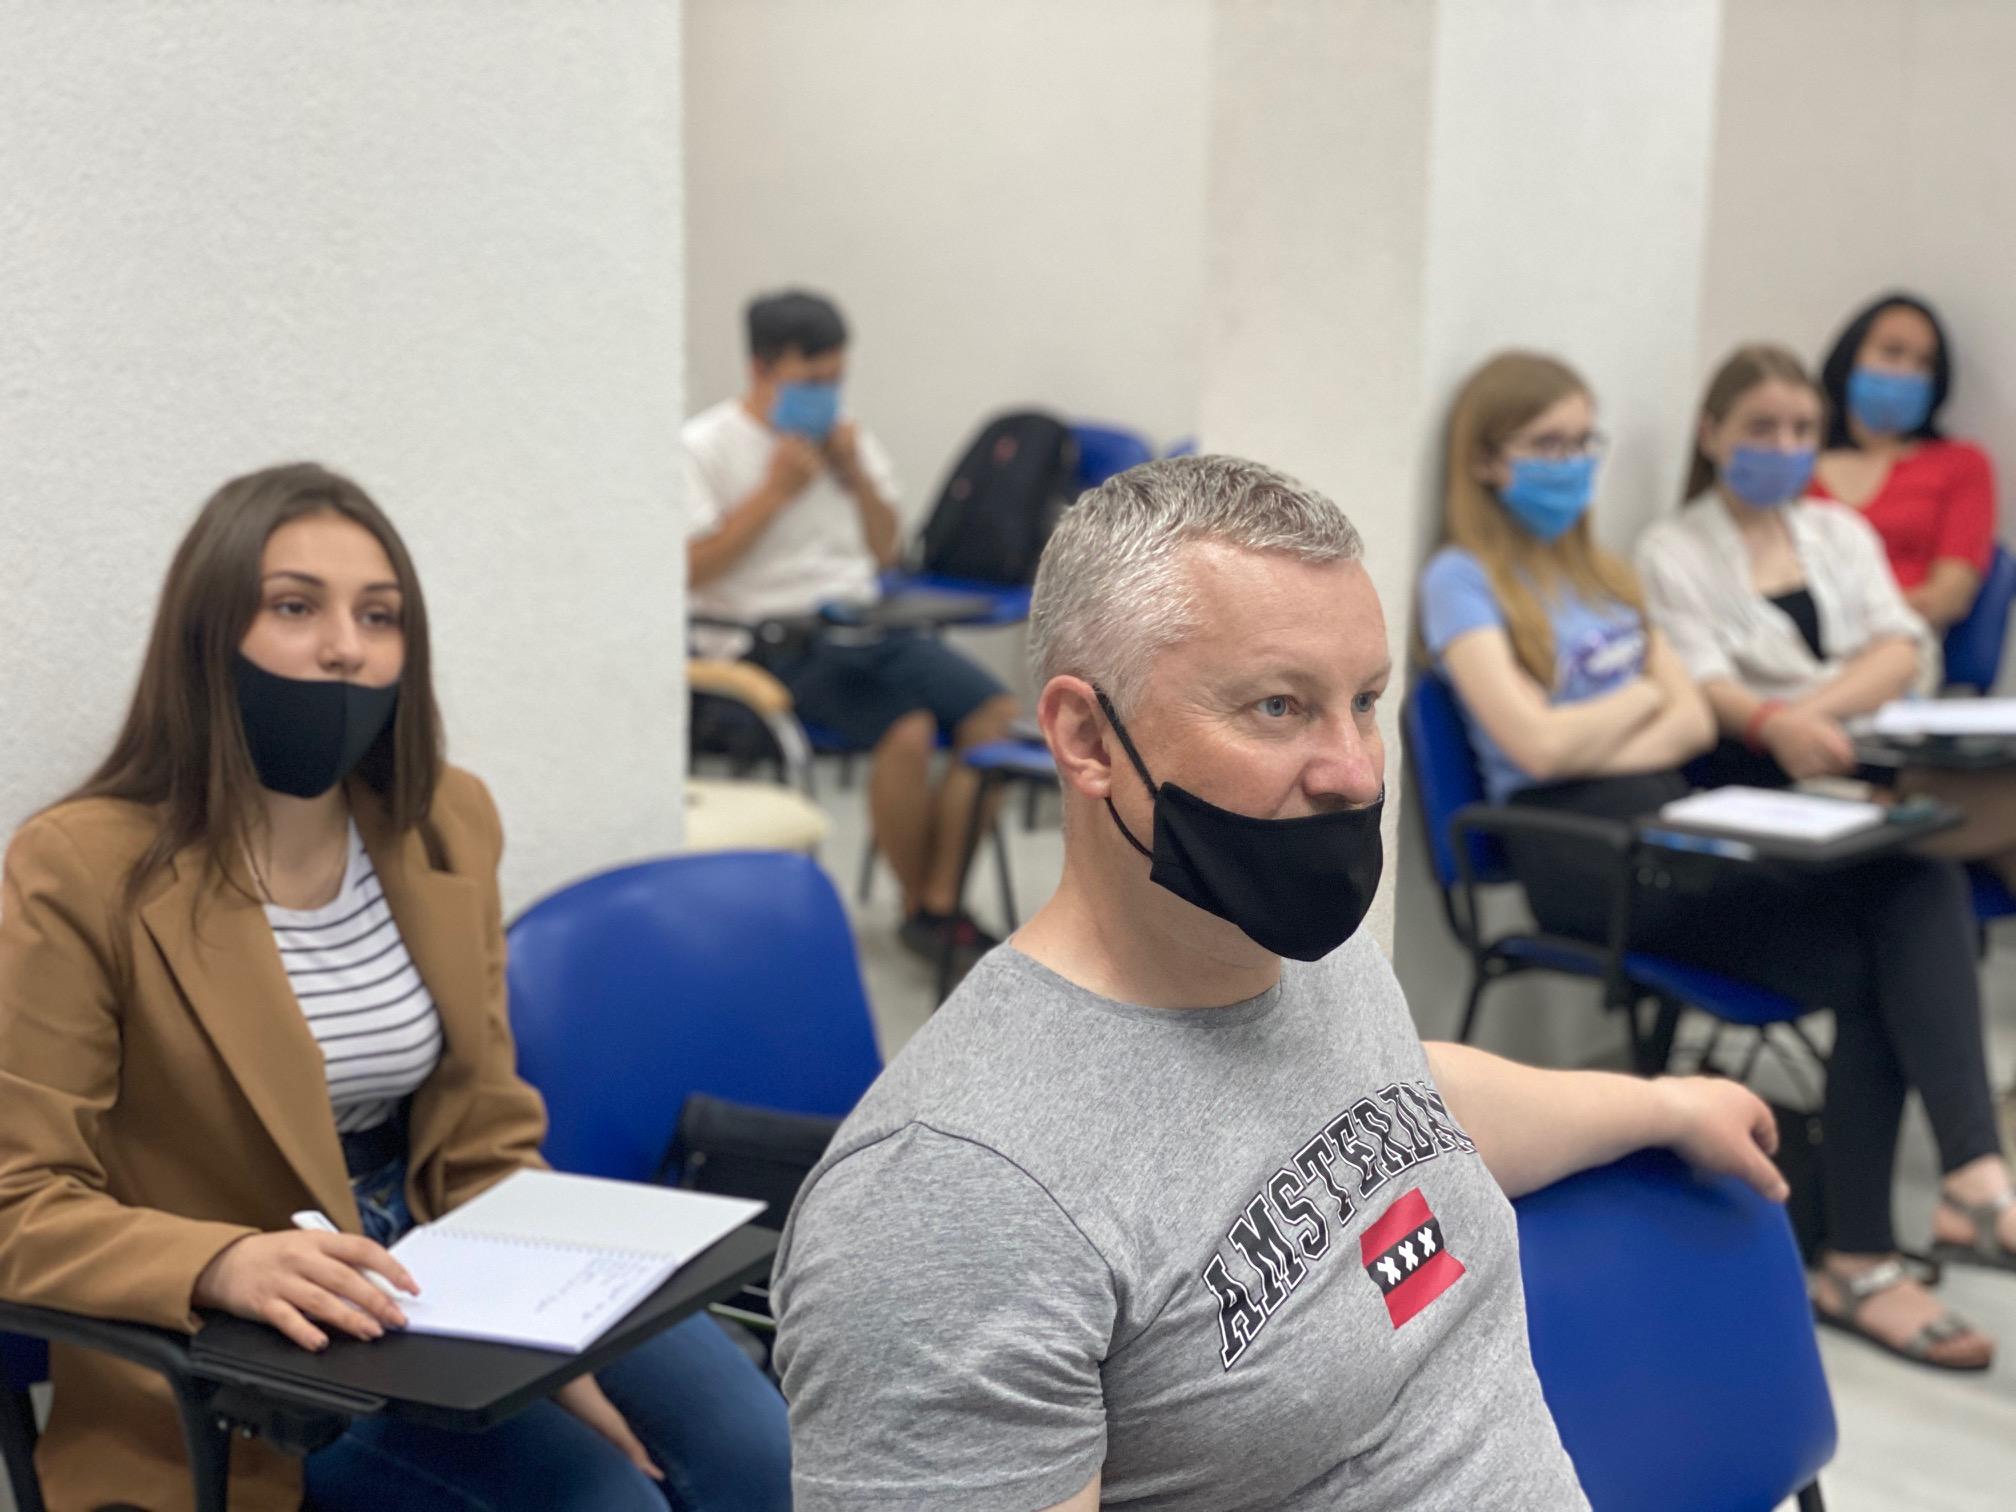 VII Школа журналістики. Серія телевізійних тренінгів «Стандарти і місія журналістики. Техніка телерепортажу»